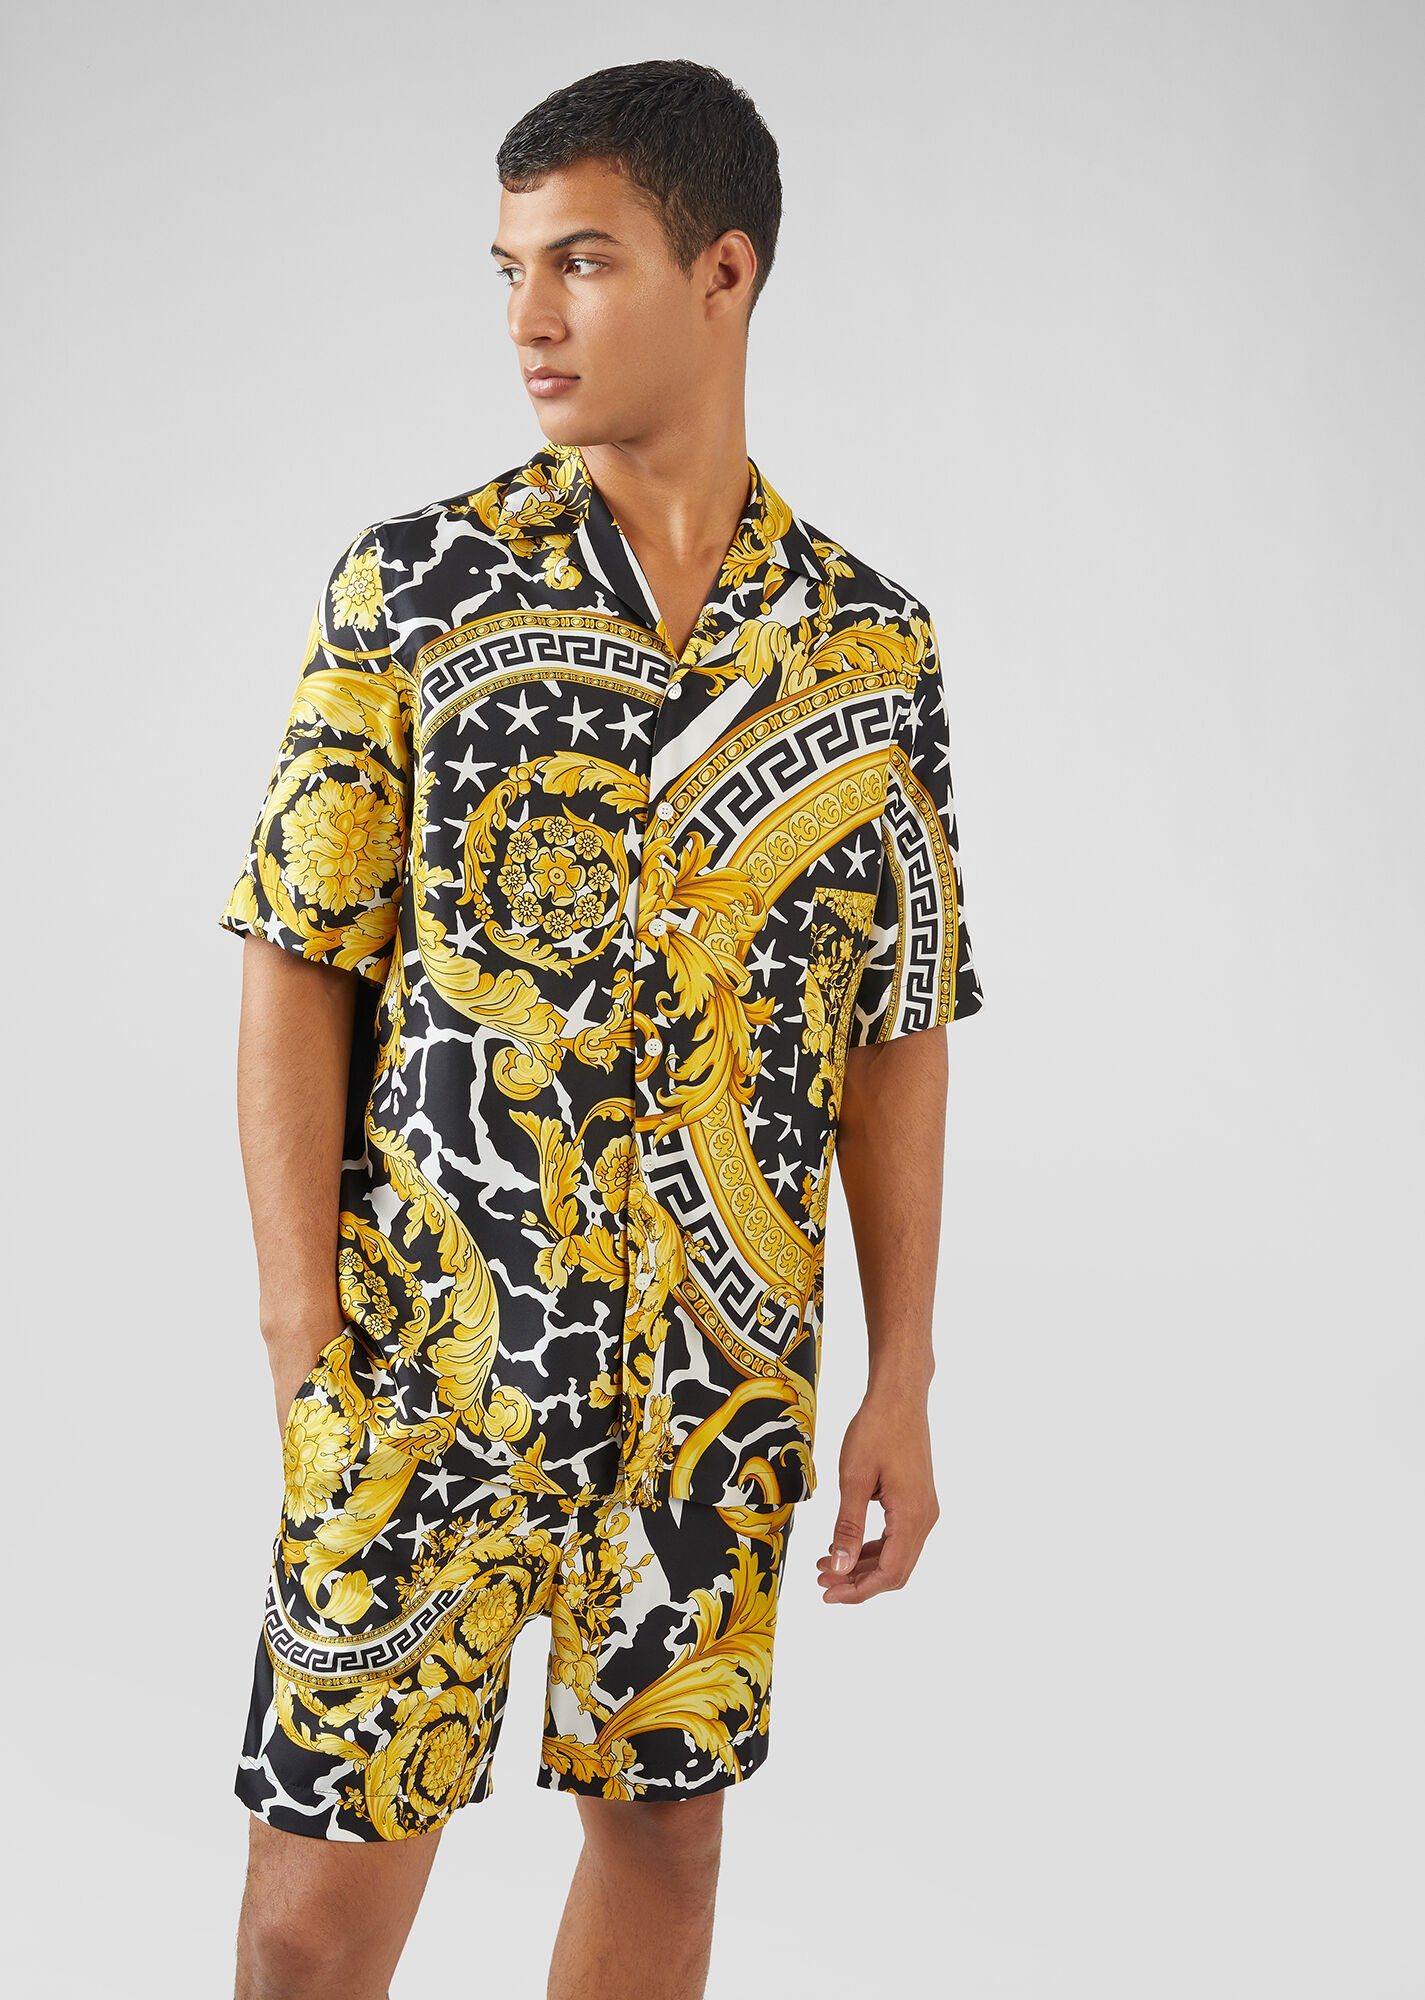 芸能人がa-nationで着用した衣装シャツ / ブラウス